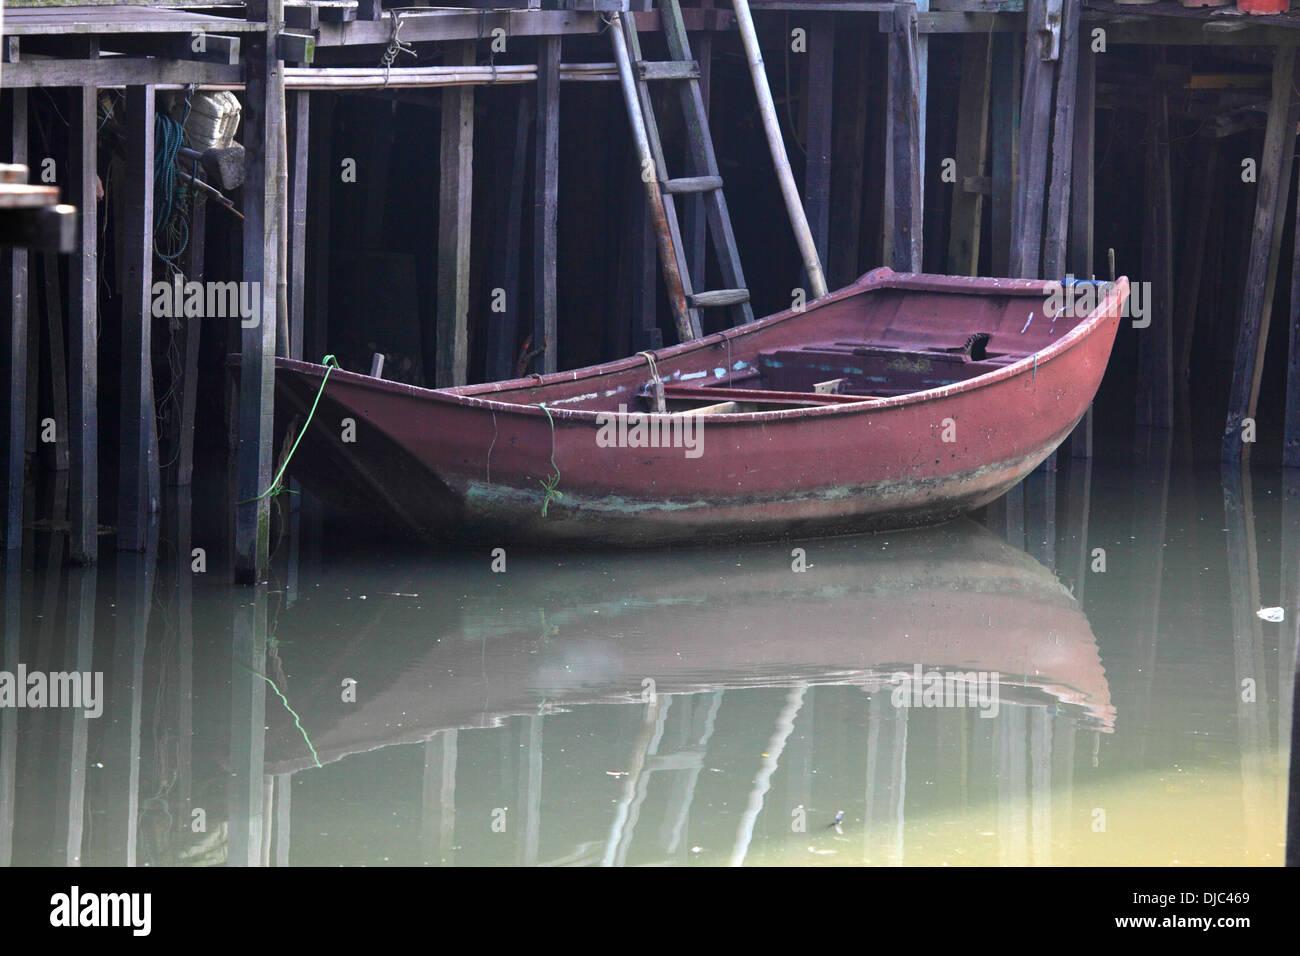 Boat in chinese fishing village Tai O, Hong Kong - Stock Image